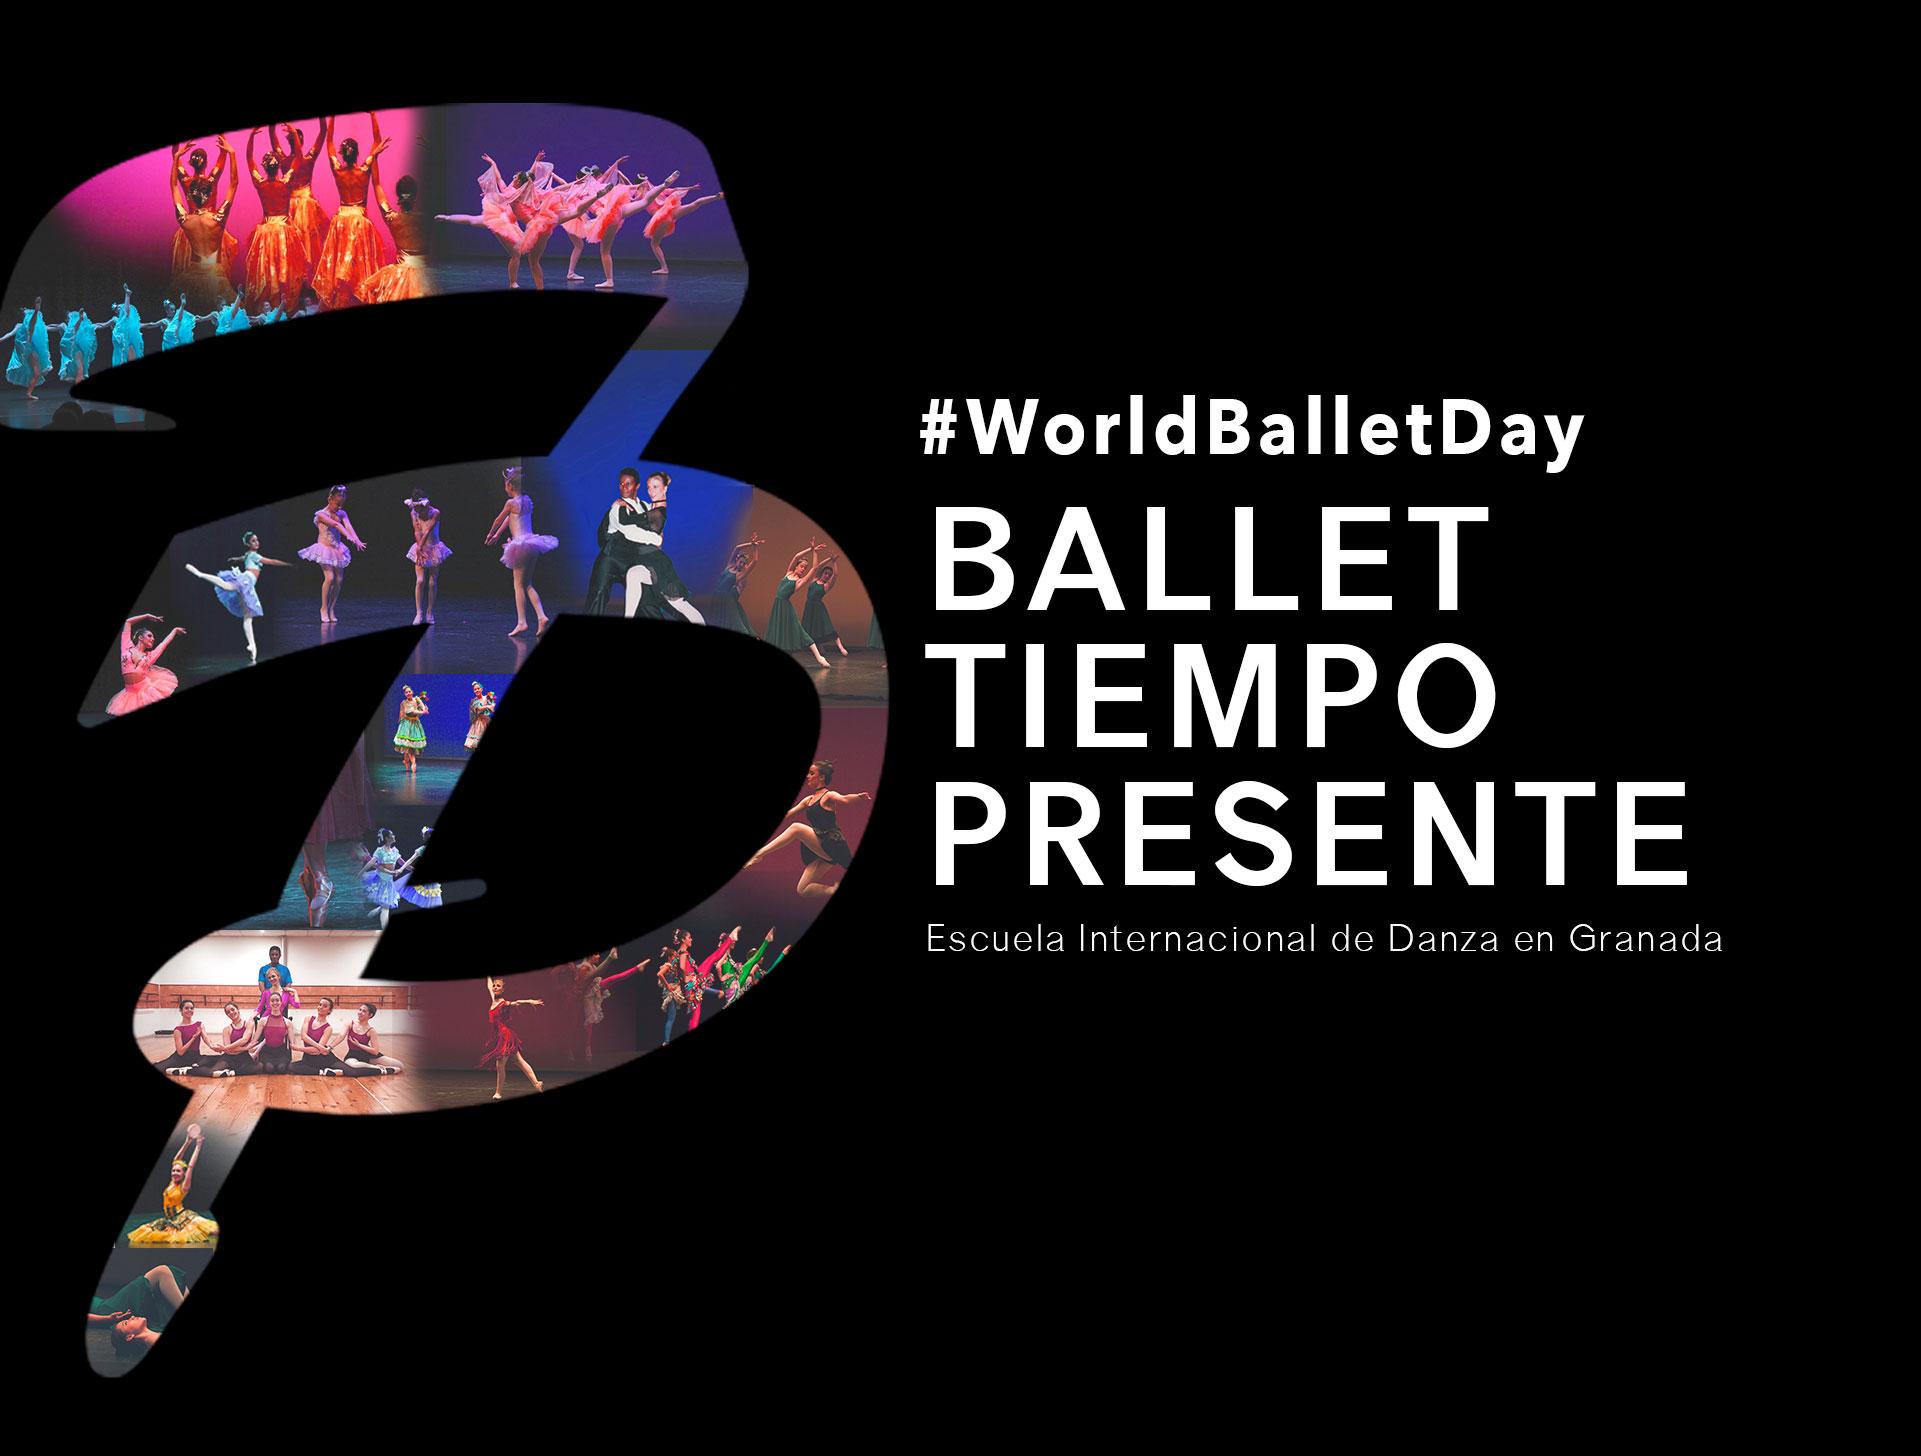 Happy World Ballet Day 2019